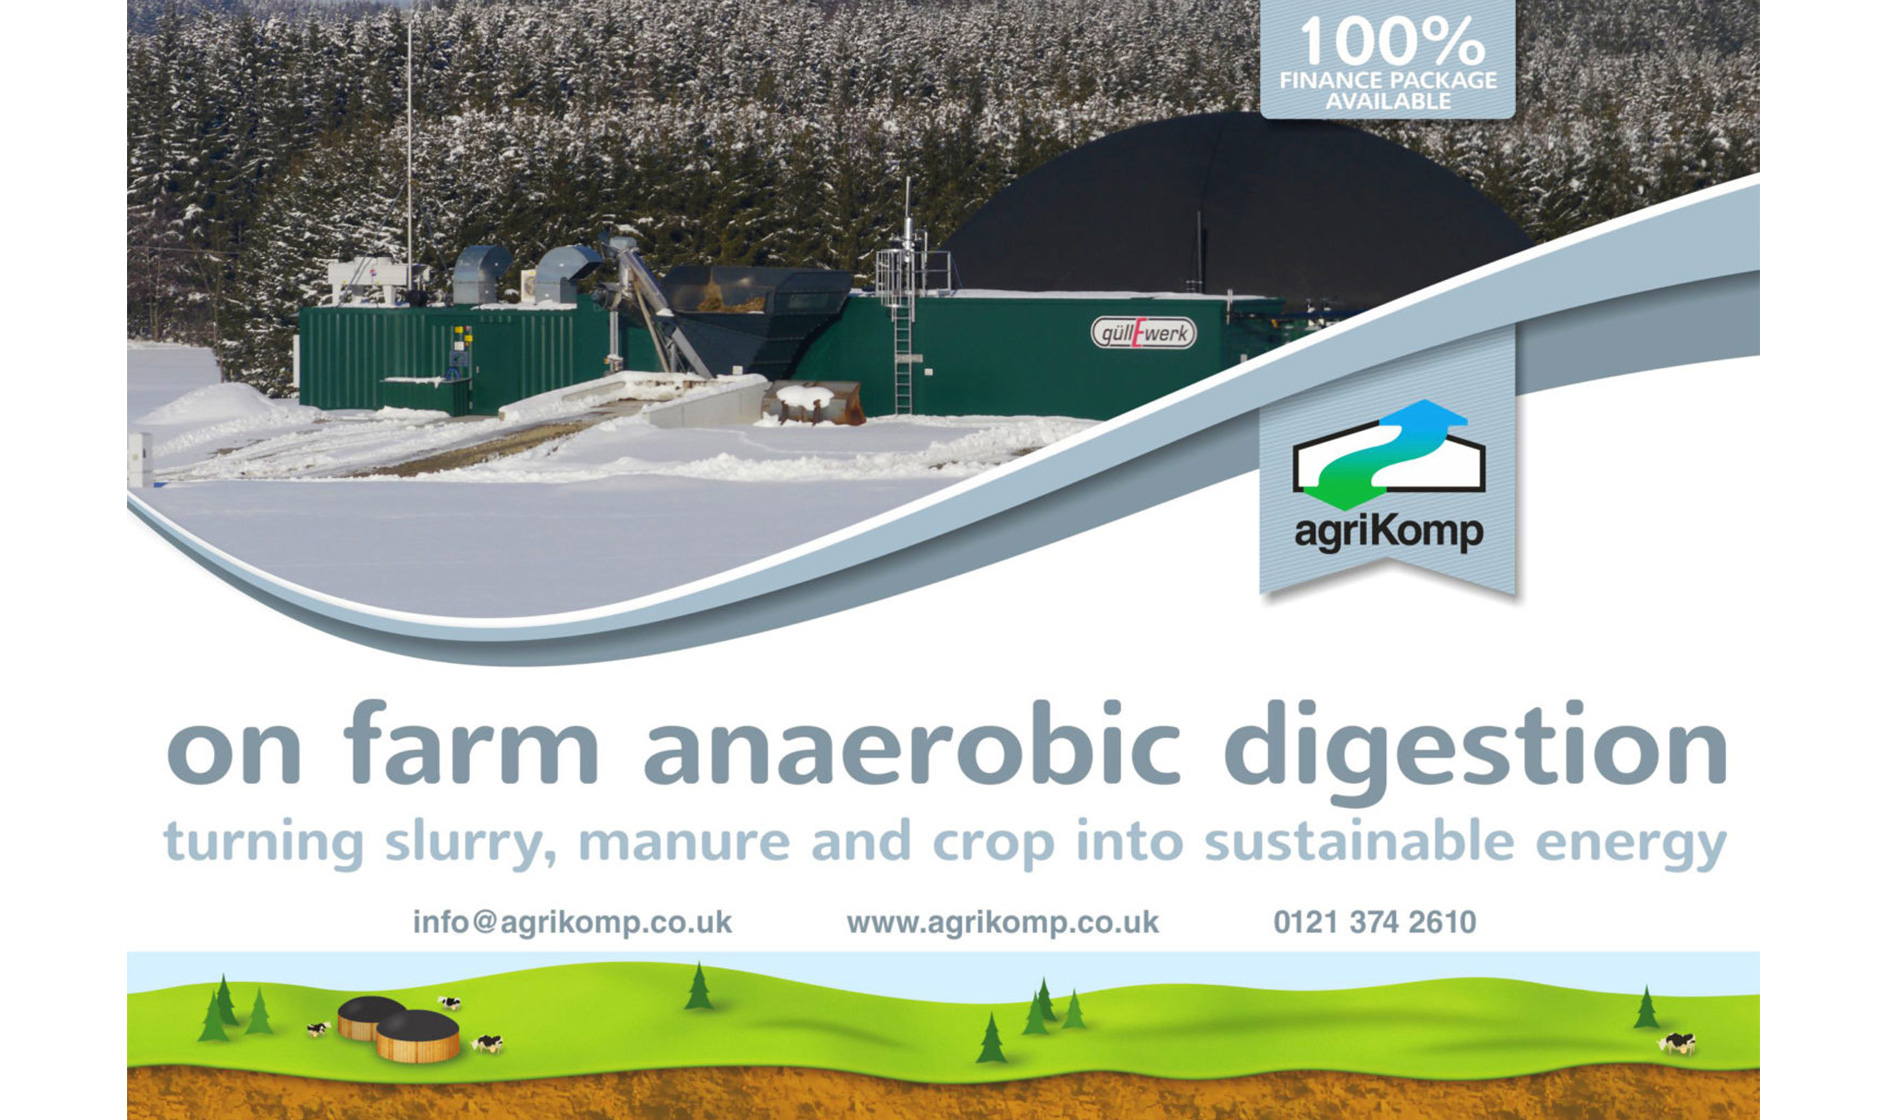 agriKomp advert